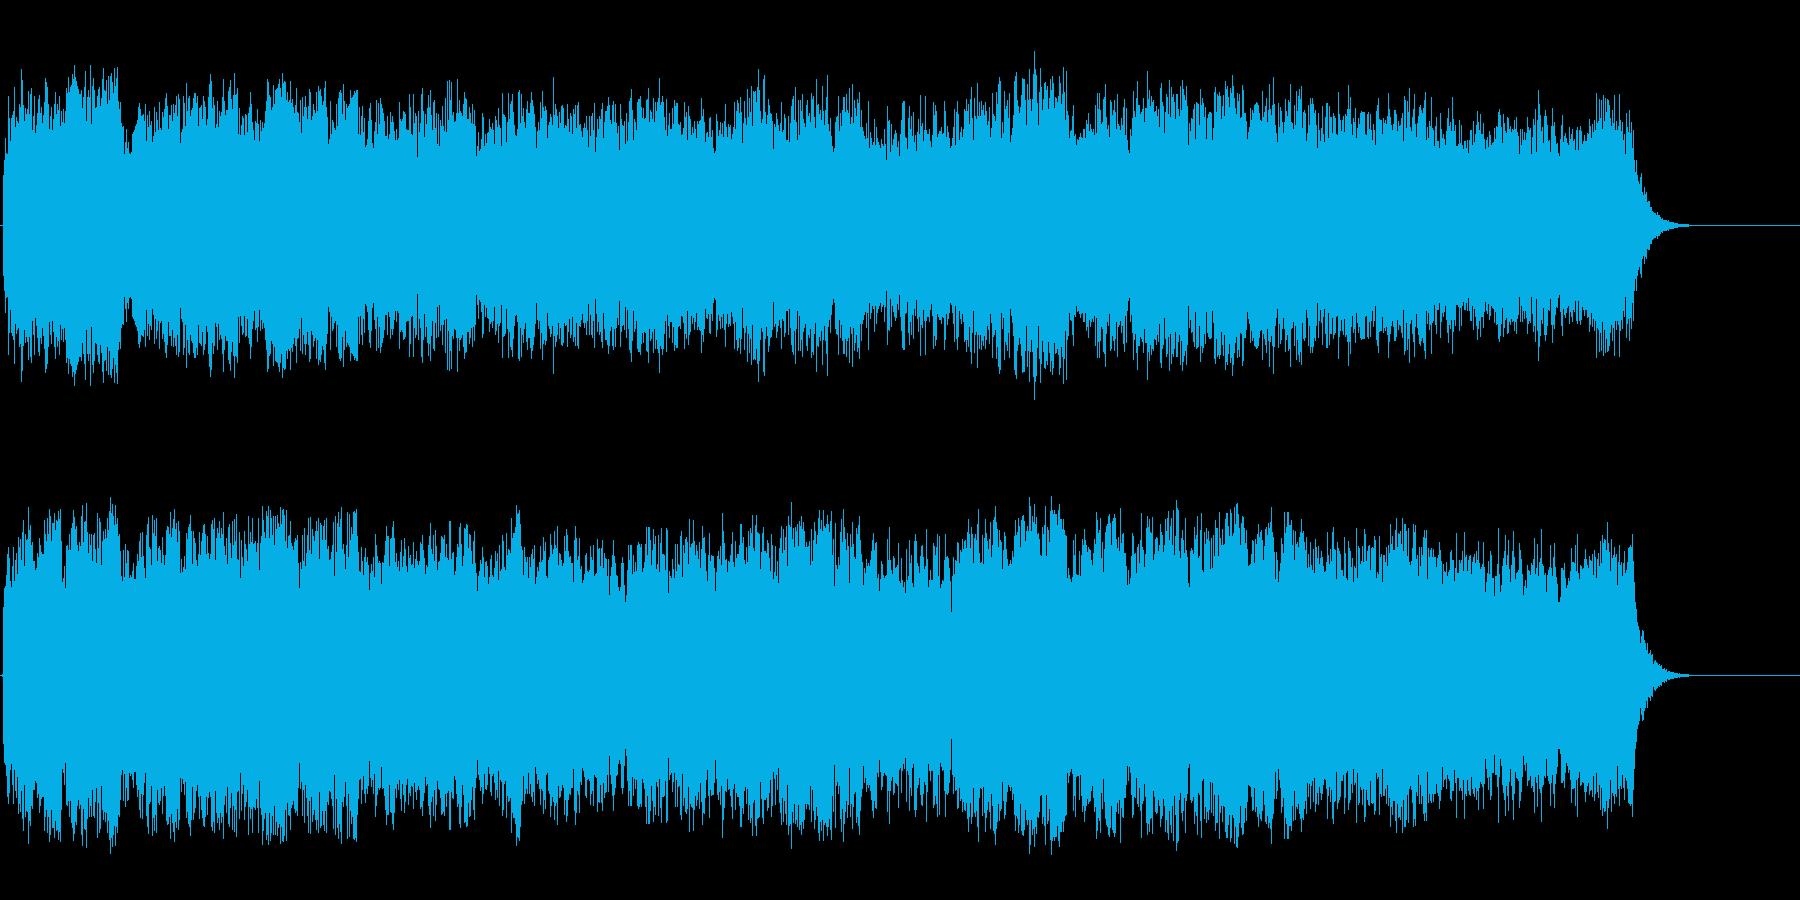 新しい生命の賛美歌風セミクラ/バラードの再生済みの波形